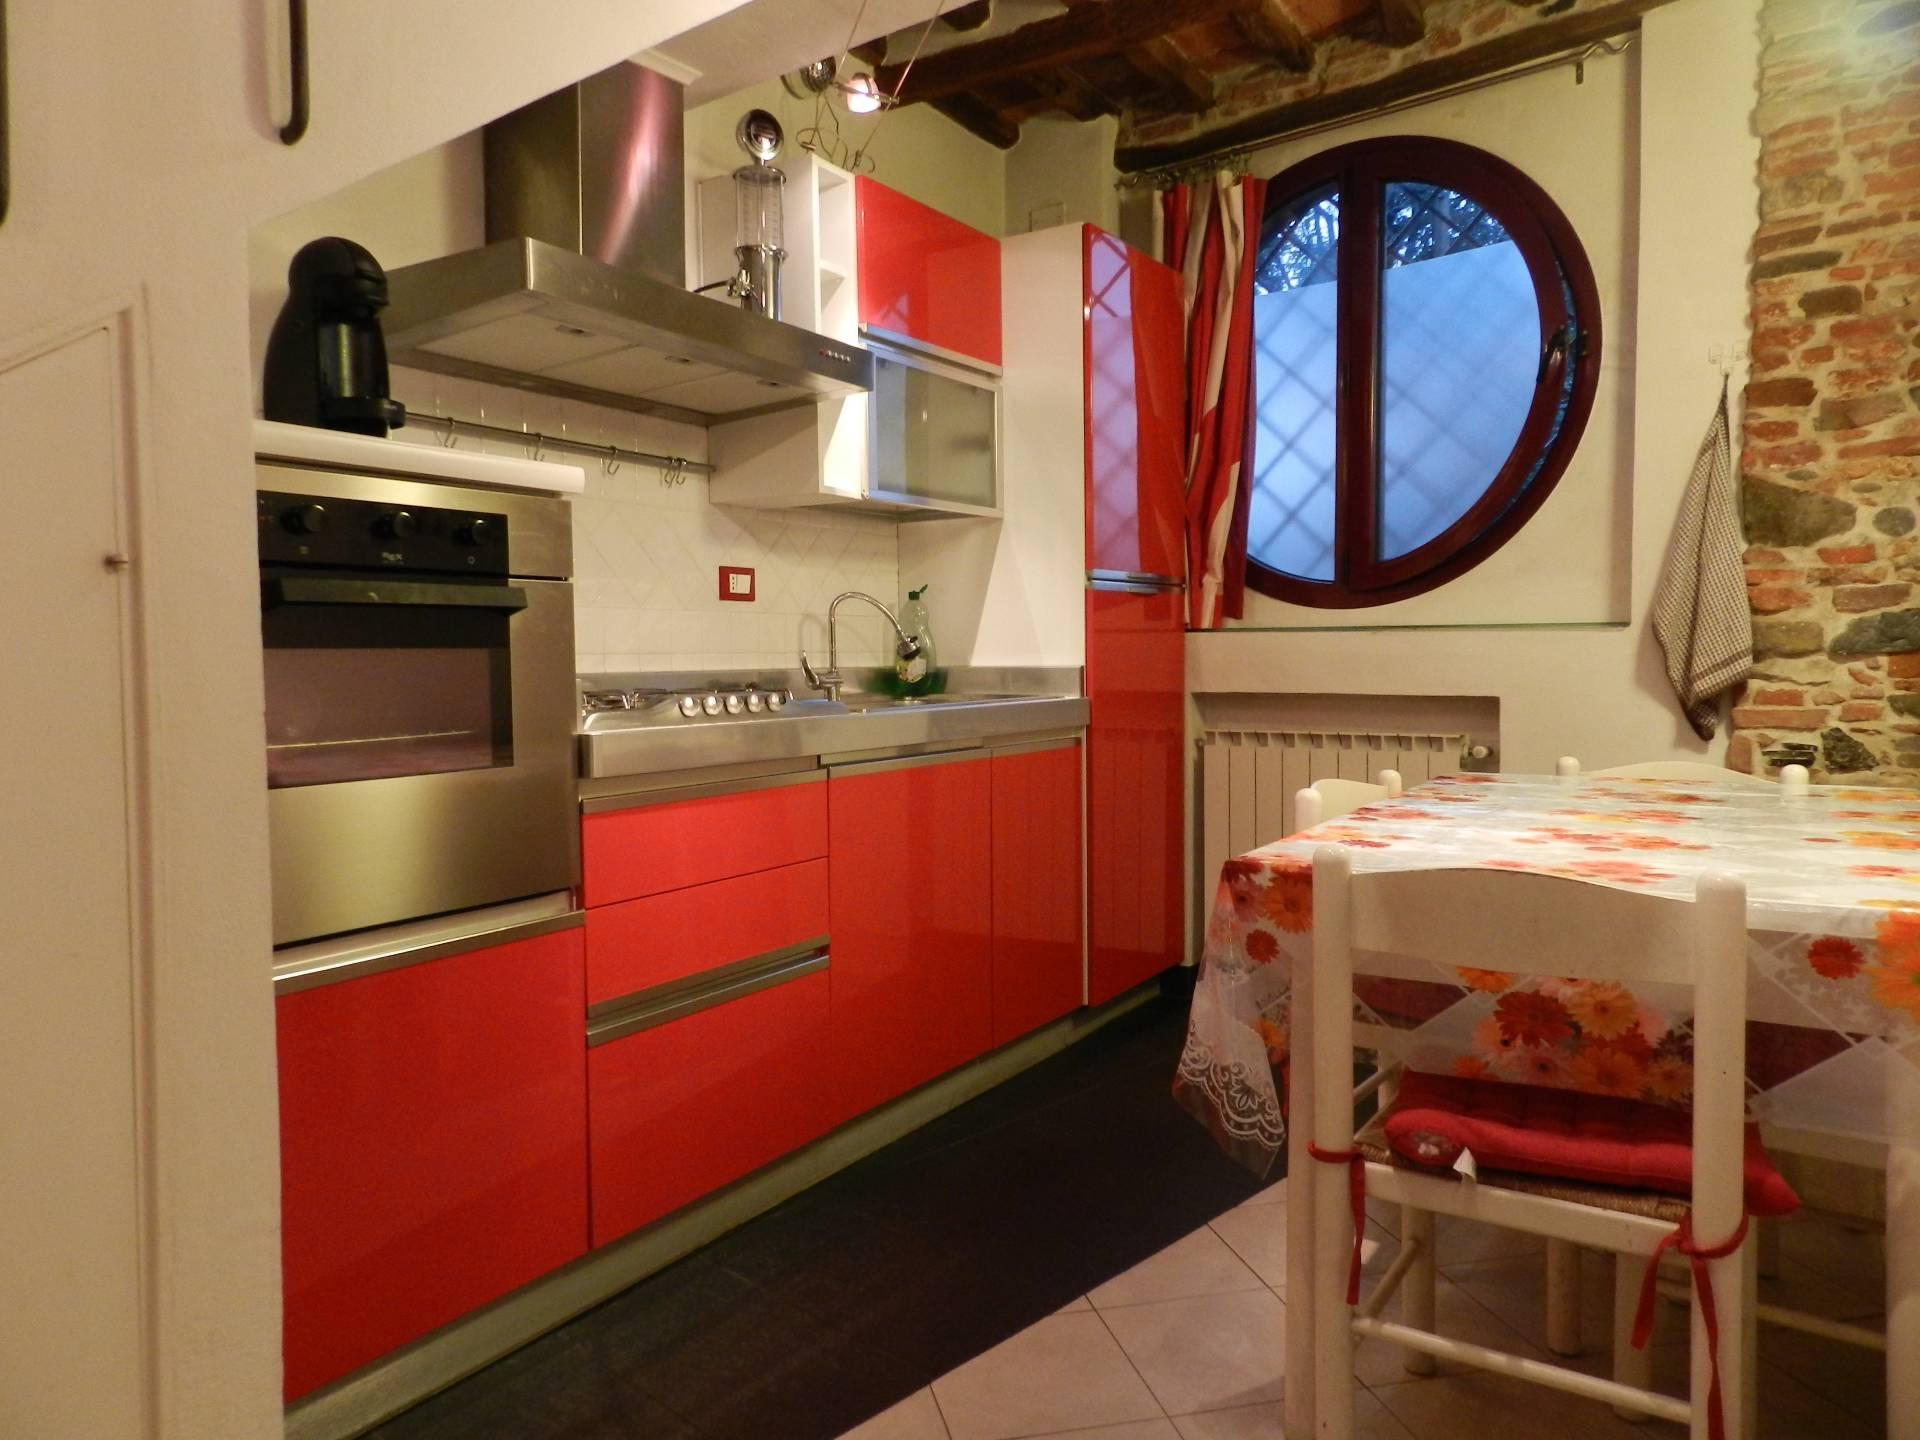 Rustico / Casale in affitto a Lucca, 3 locali, zona Località: S.AngeloinCampo, prezzo € 600 | CambioCasa.it